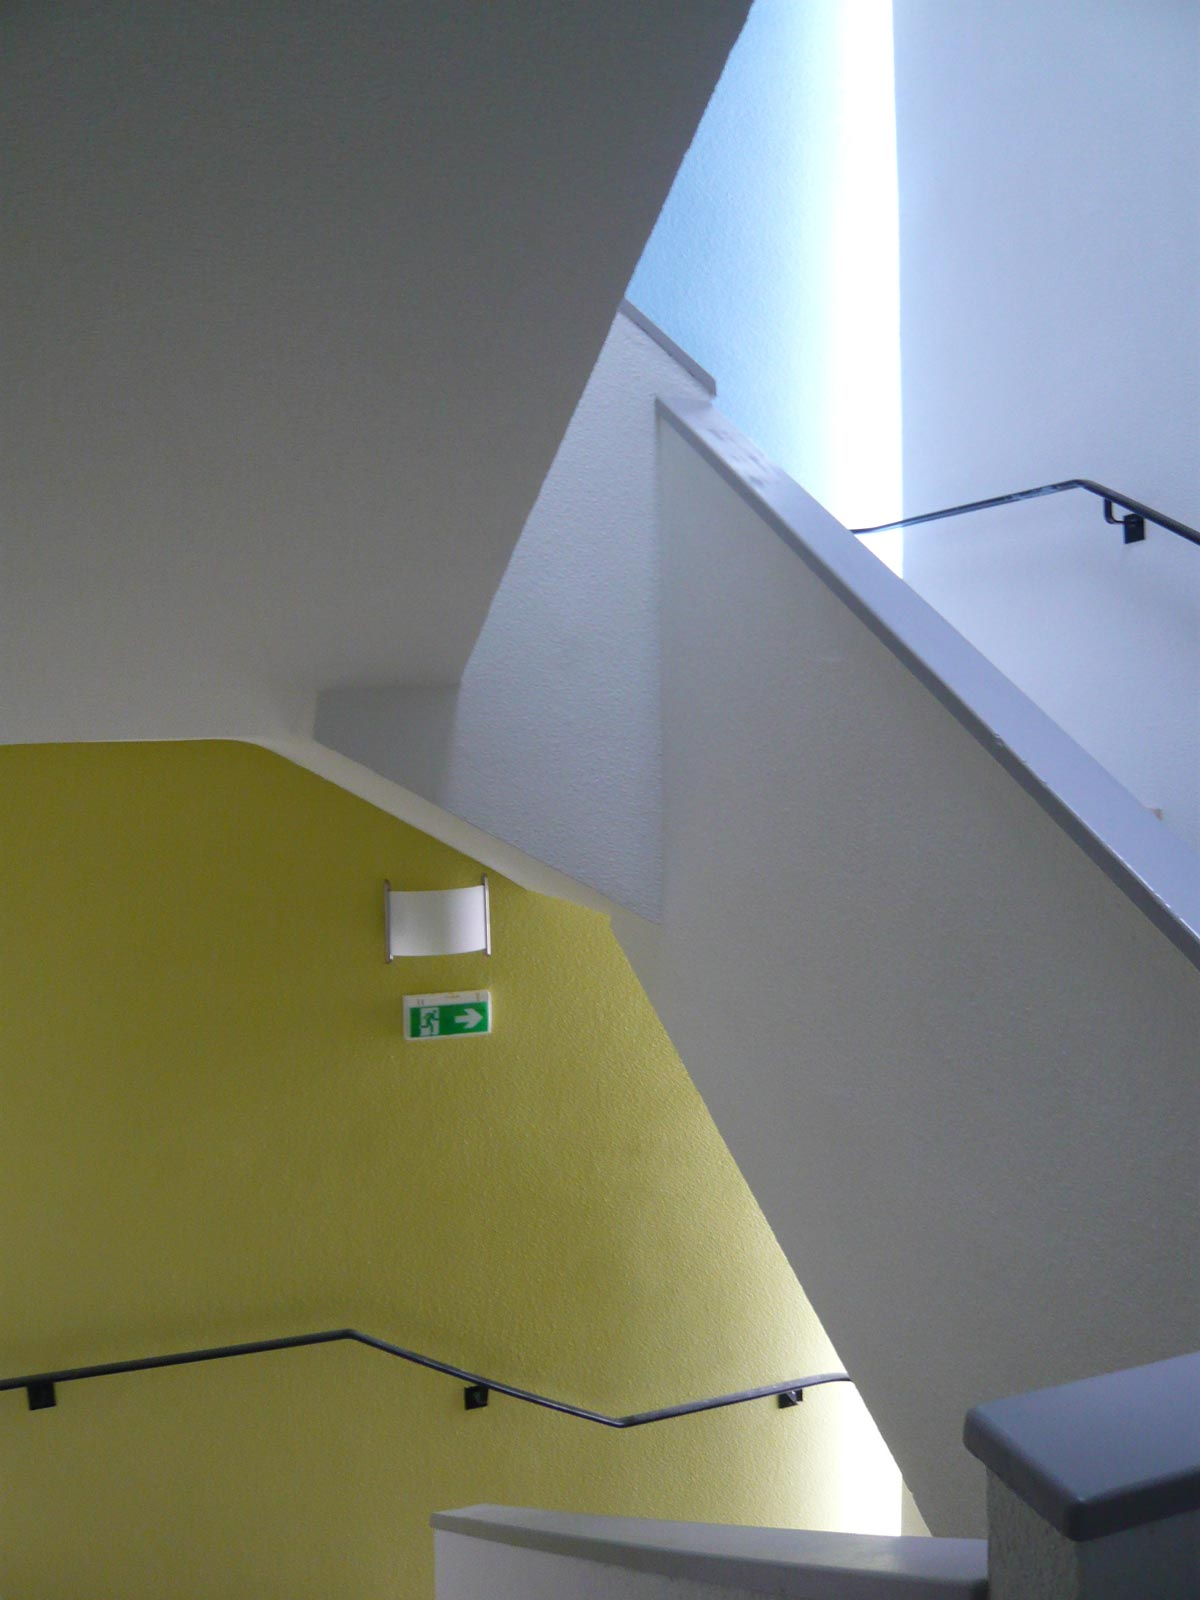 Escalier Etablissement MRS Le Cendre Gonin Architectes